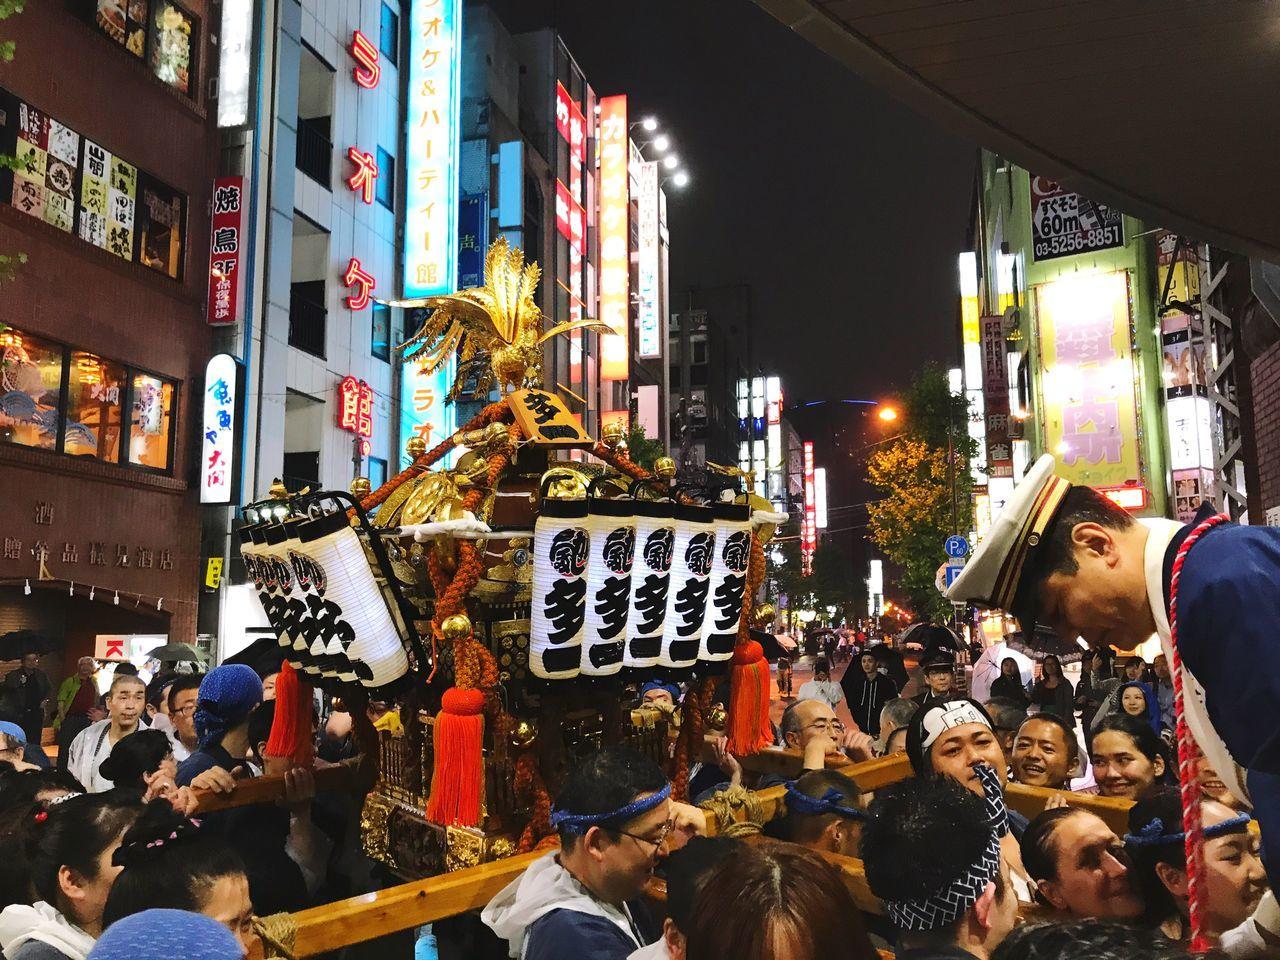 東京 Crowd Large Group Of People Arts Culture And Entertainment Street Photography People Introducing Culture Of Japan Which Must Be Left To The Future…… 未来に残す日本の文化 祭り Tokyo Street Photography